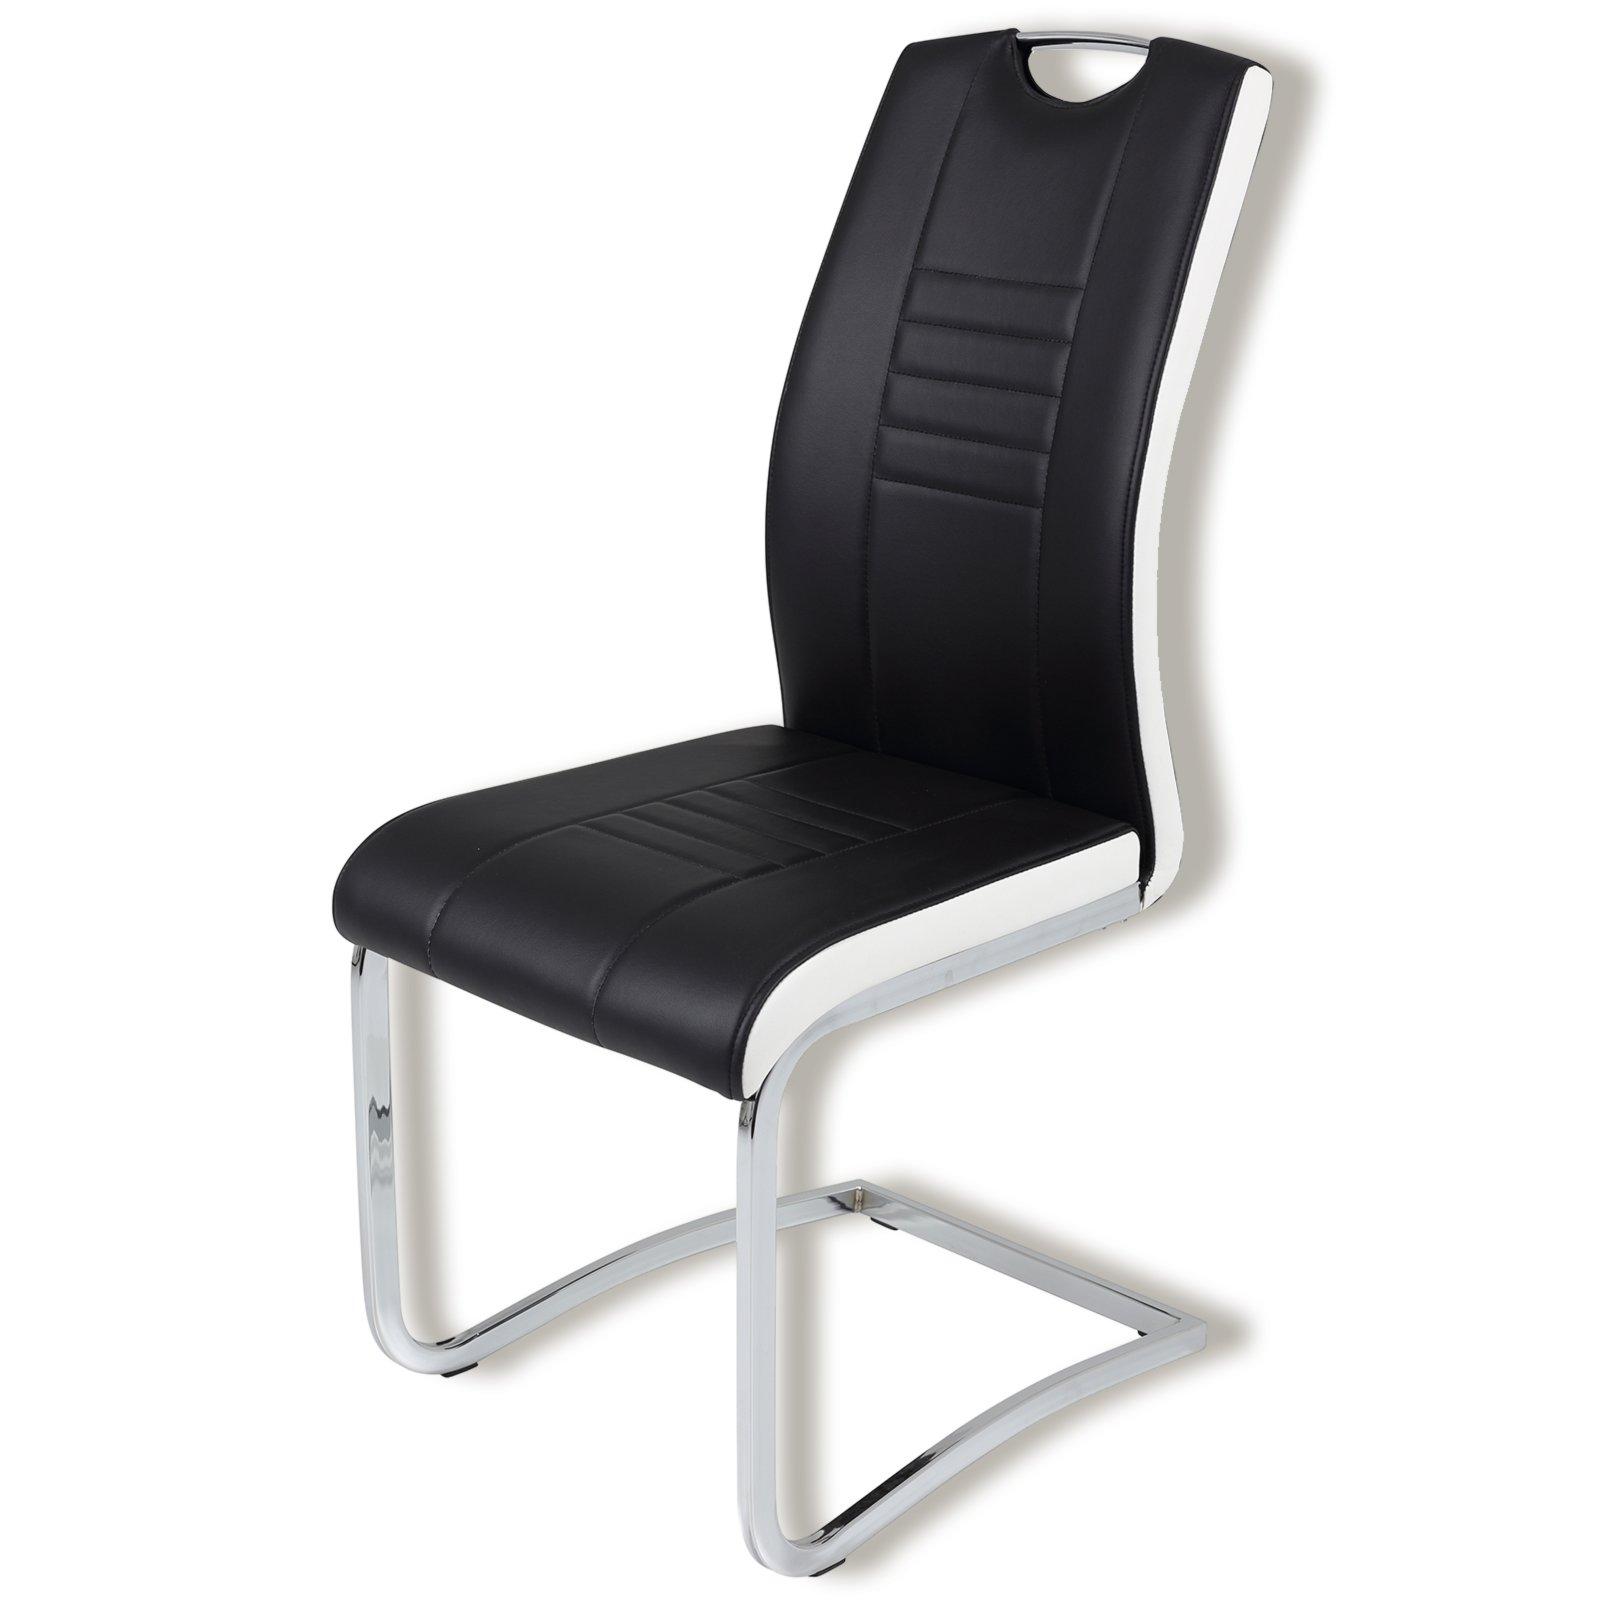 schwingstuhl tabea s schwarz wei kunstleder. Black Bedroom Furniture Sets. Home Design Ideas